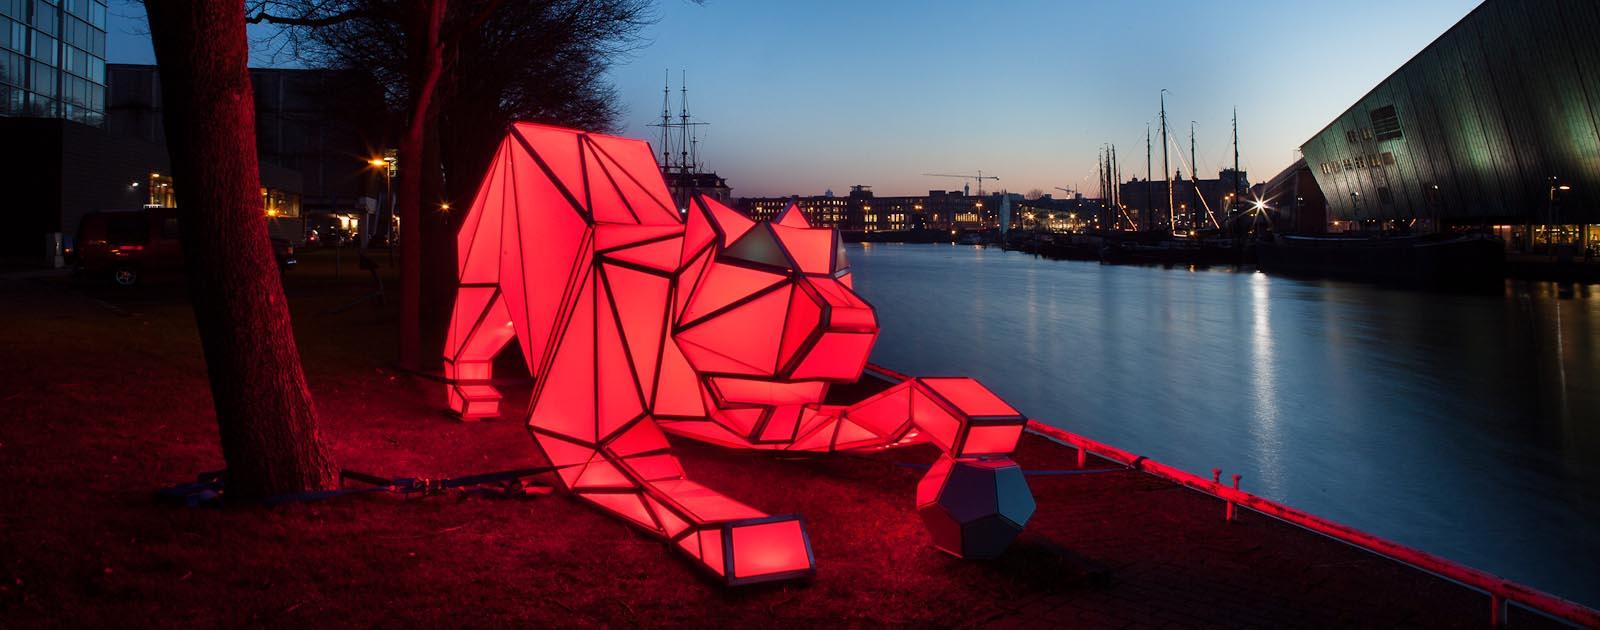 Reserveer een boot voor Amsterdam Light Festival